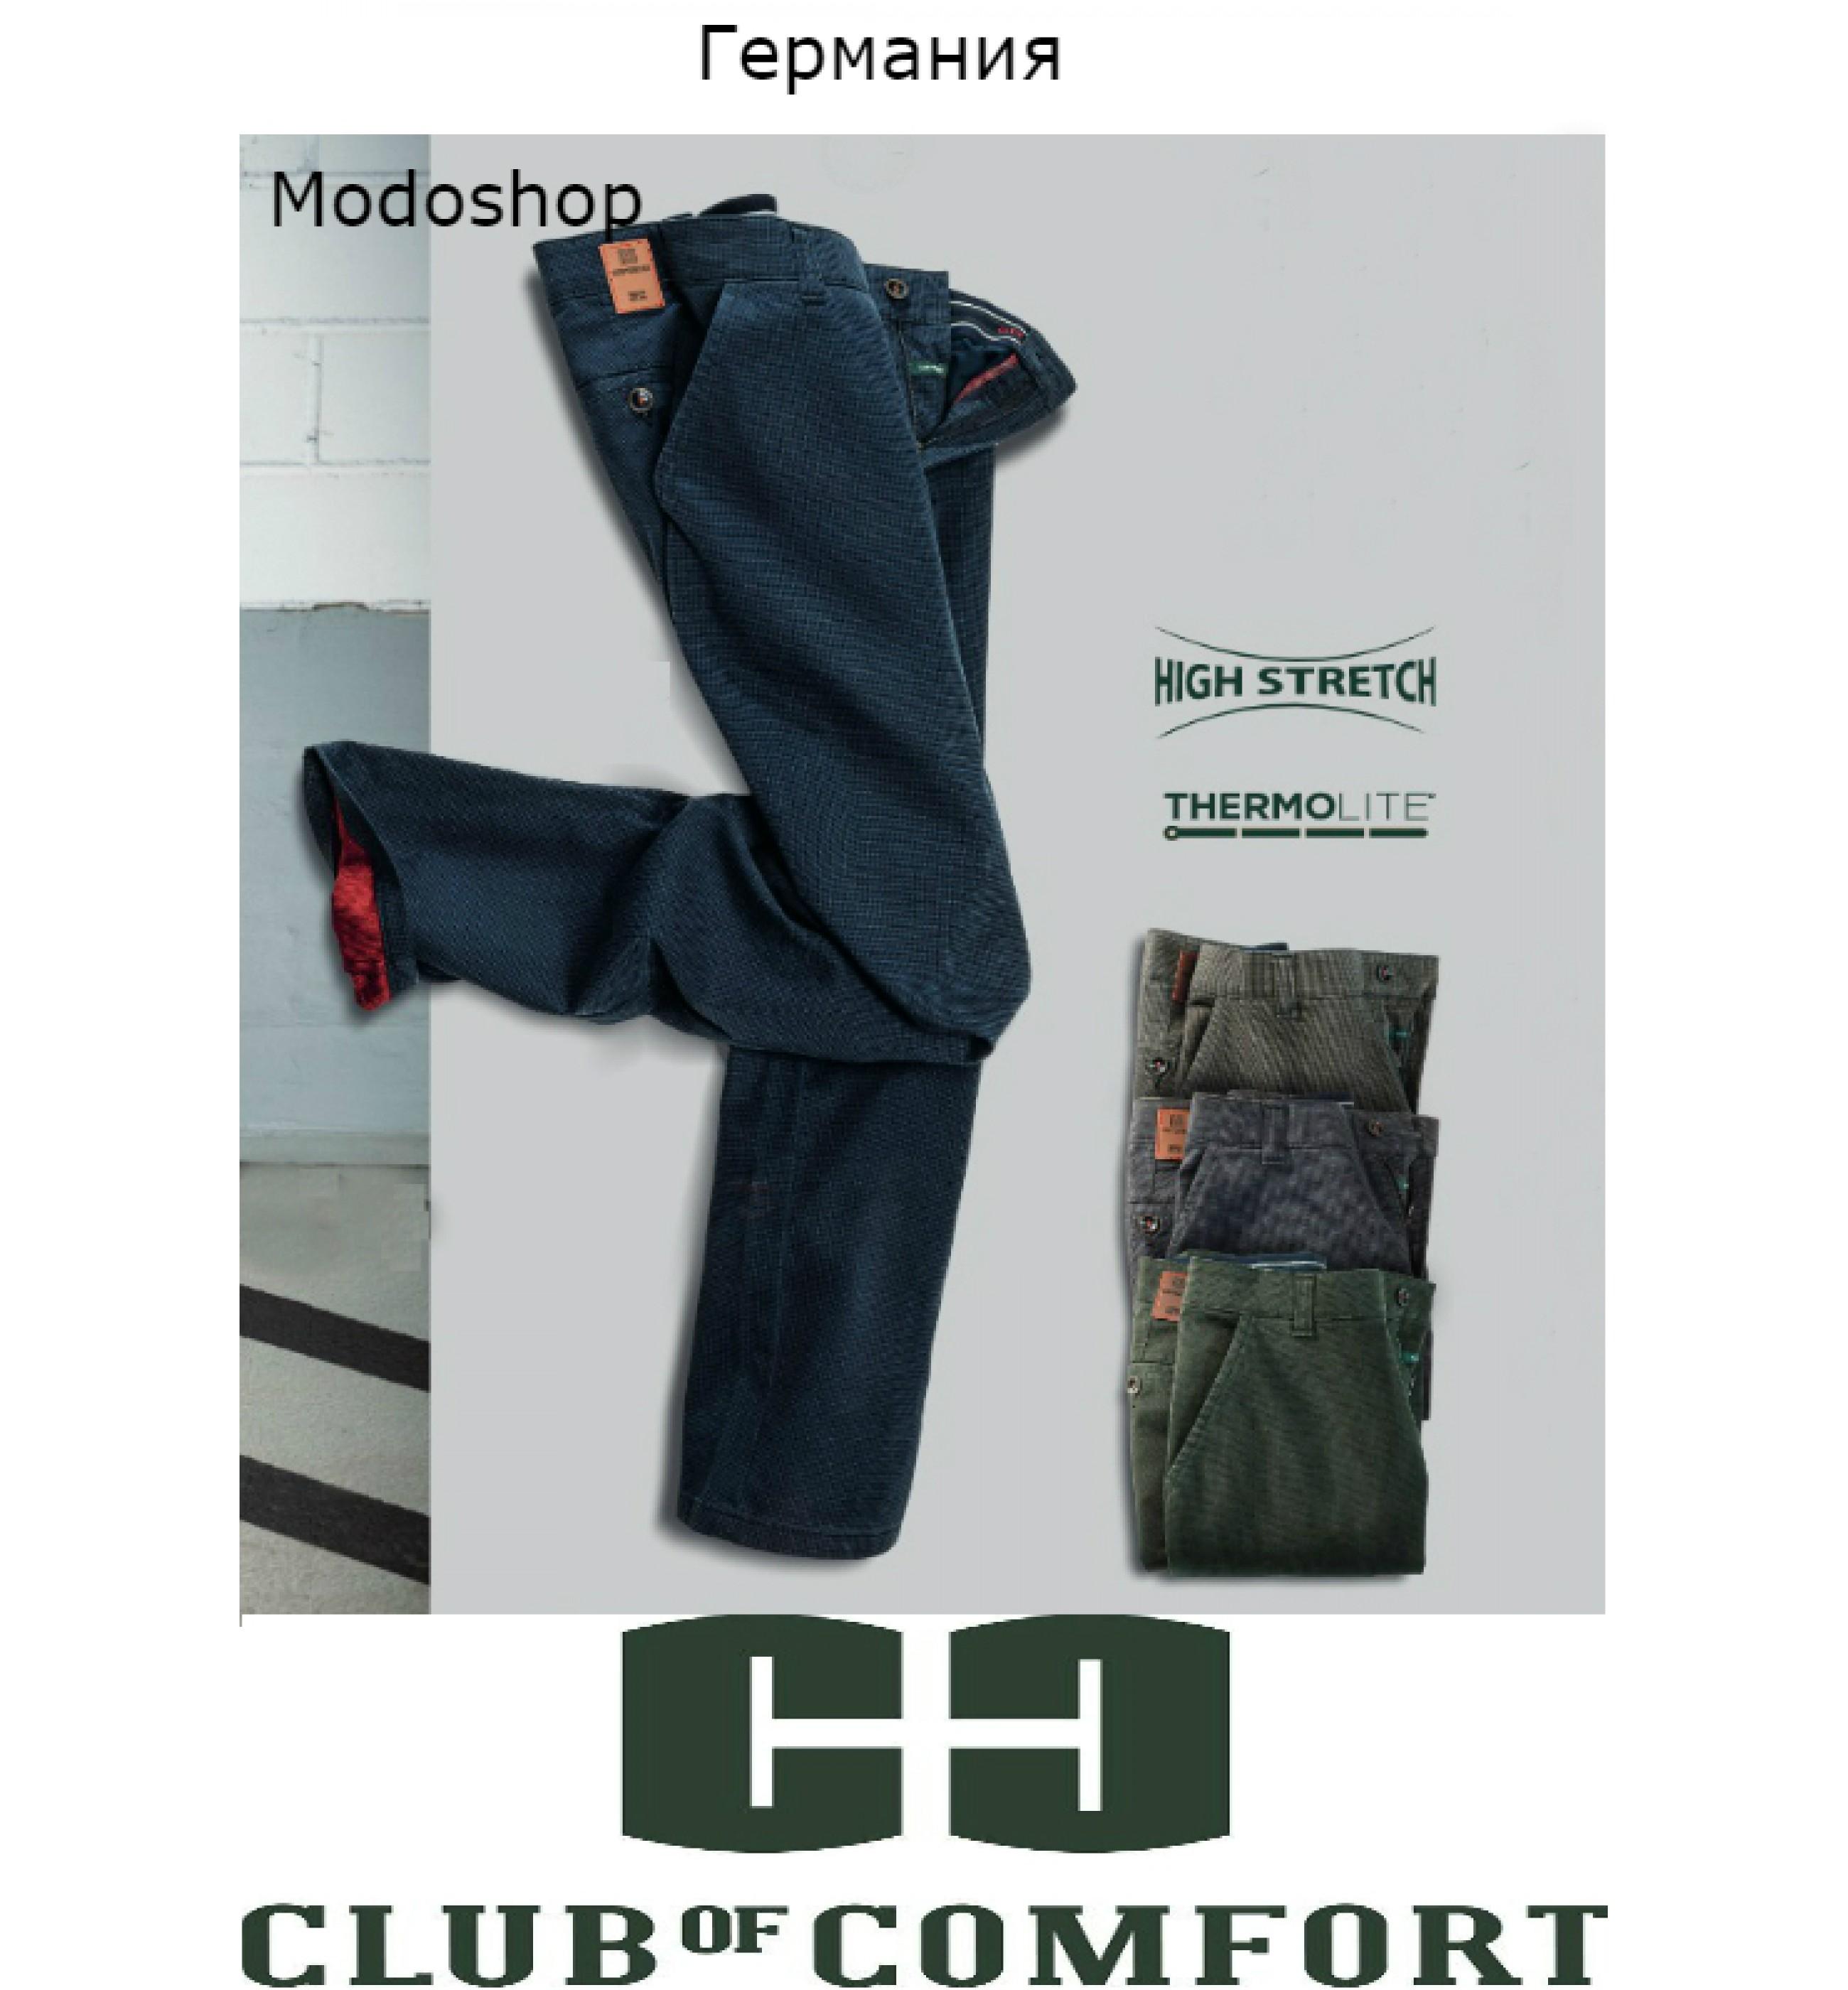 Мужские брюки, джинсы и шорты